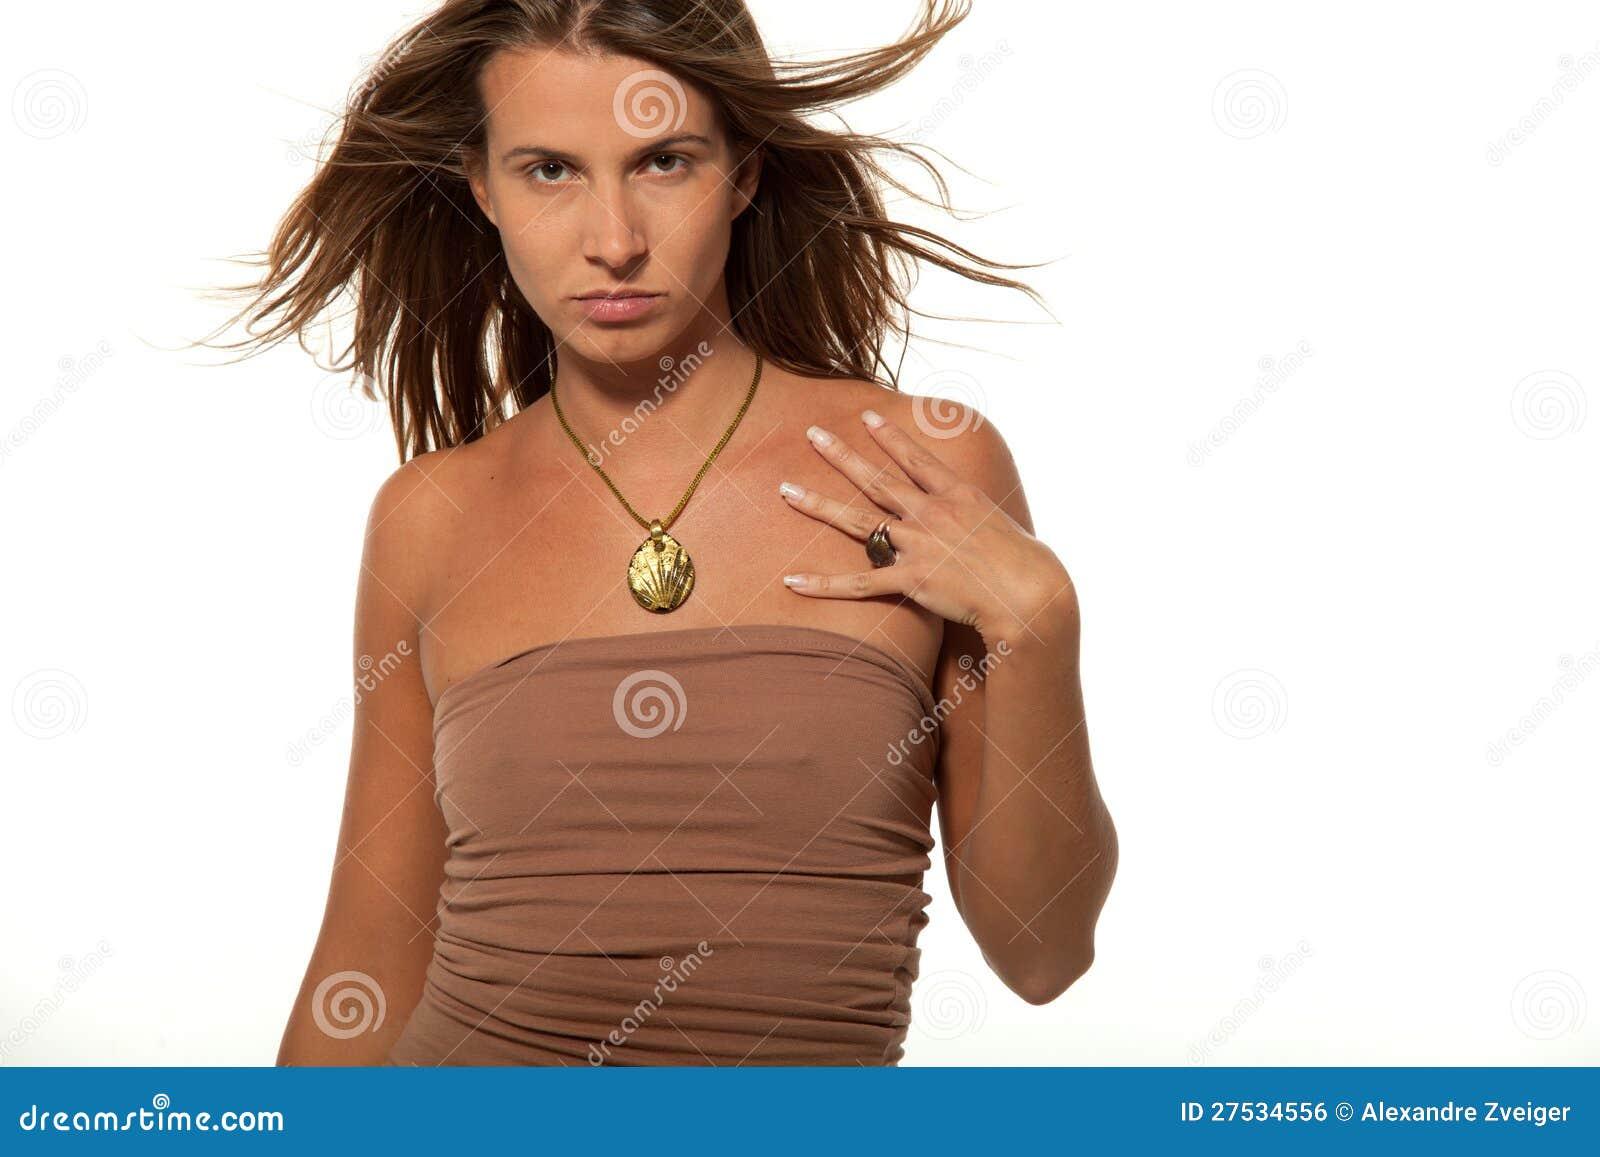 De tiener sexy meisje van het portret op witte achtergrond stock foto afbeelding 27534556 - Ruimtekleur tiener meisje ...